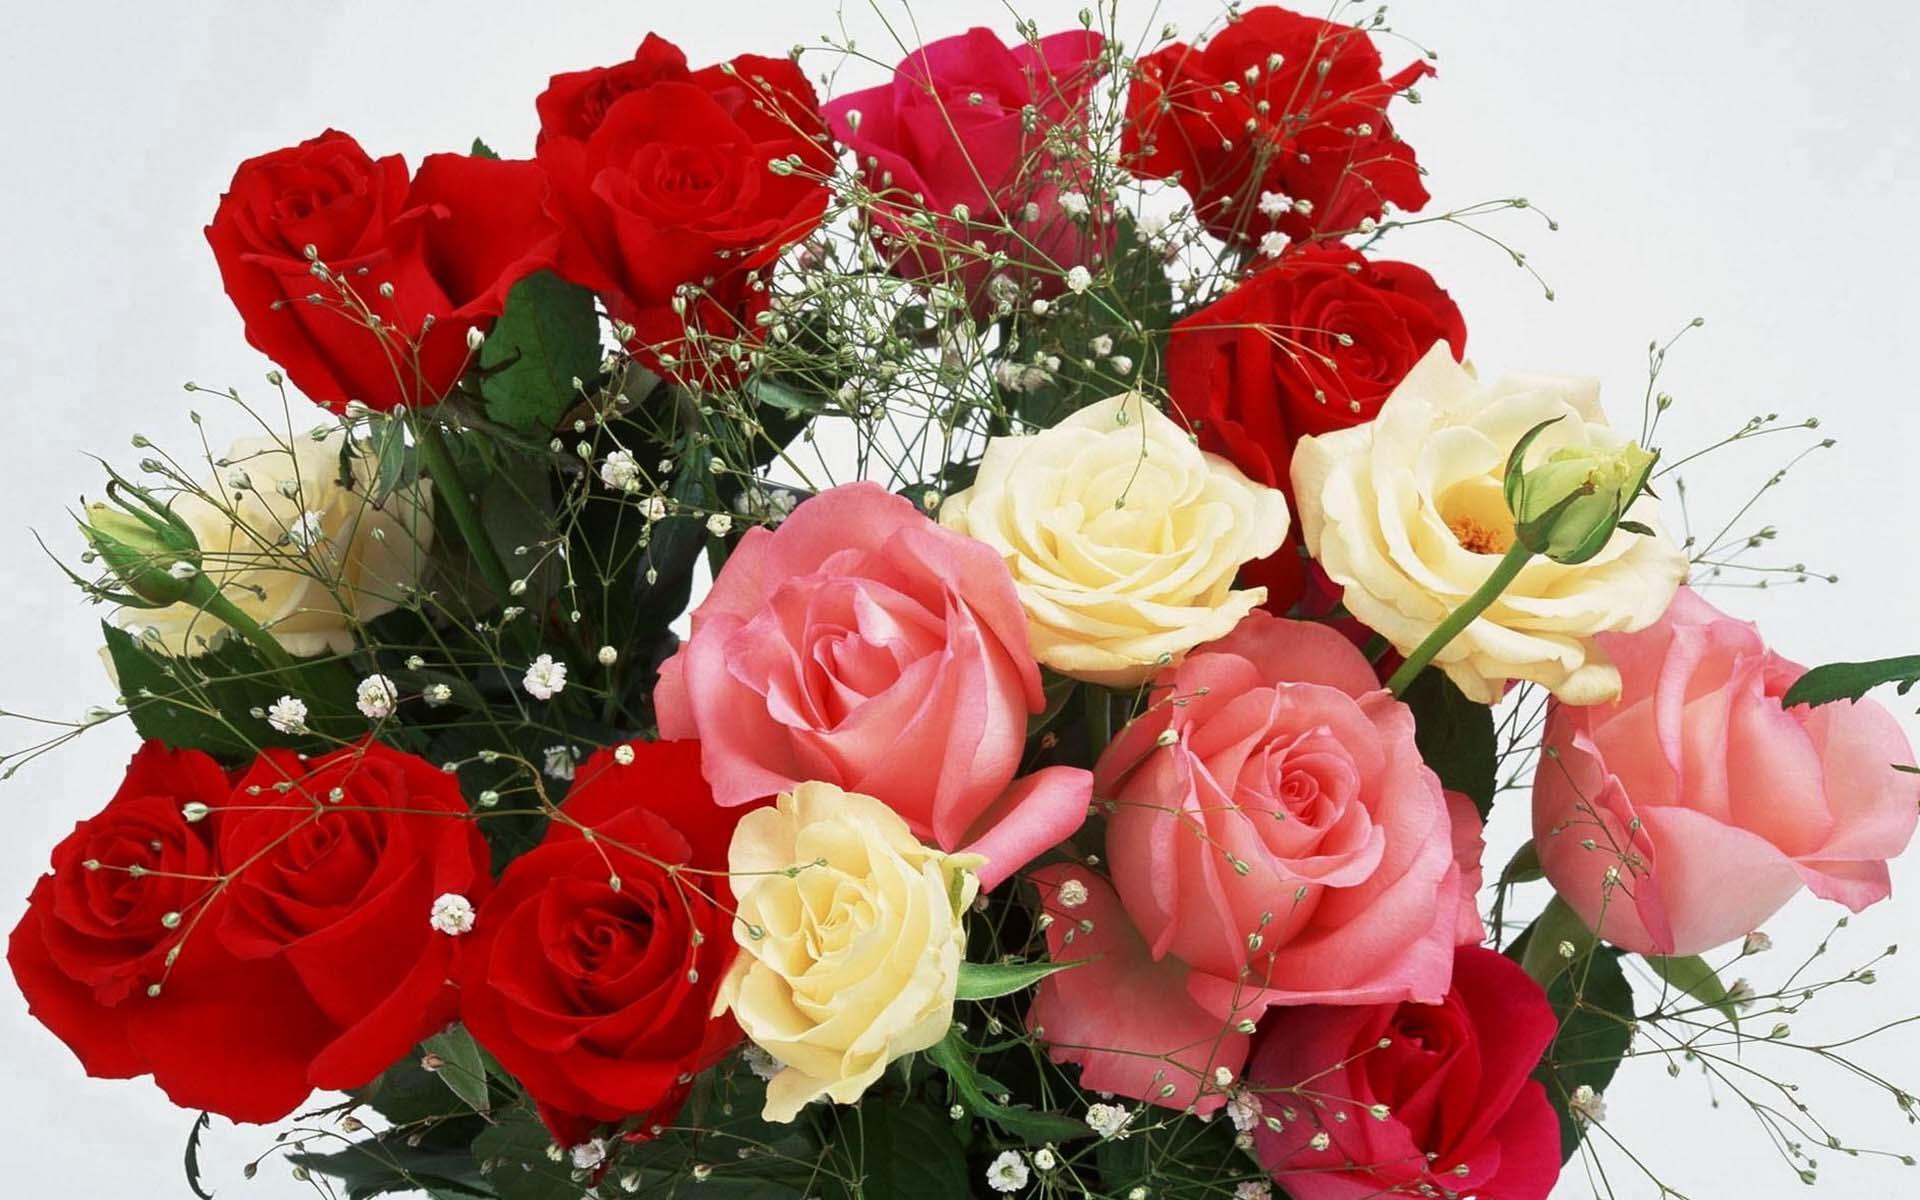 Цветы Розы Обои рабочий стол: fon1.ru/load/64-40-2